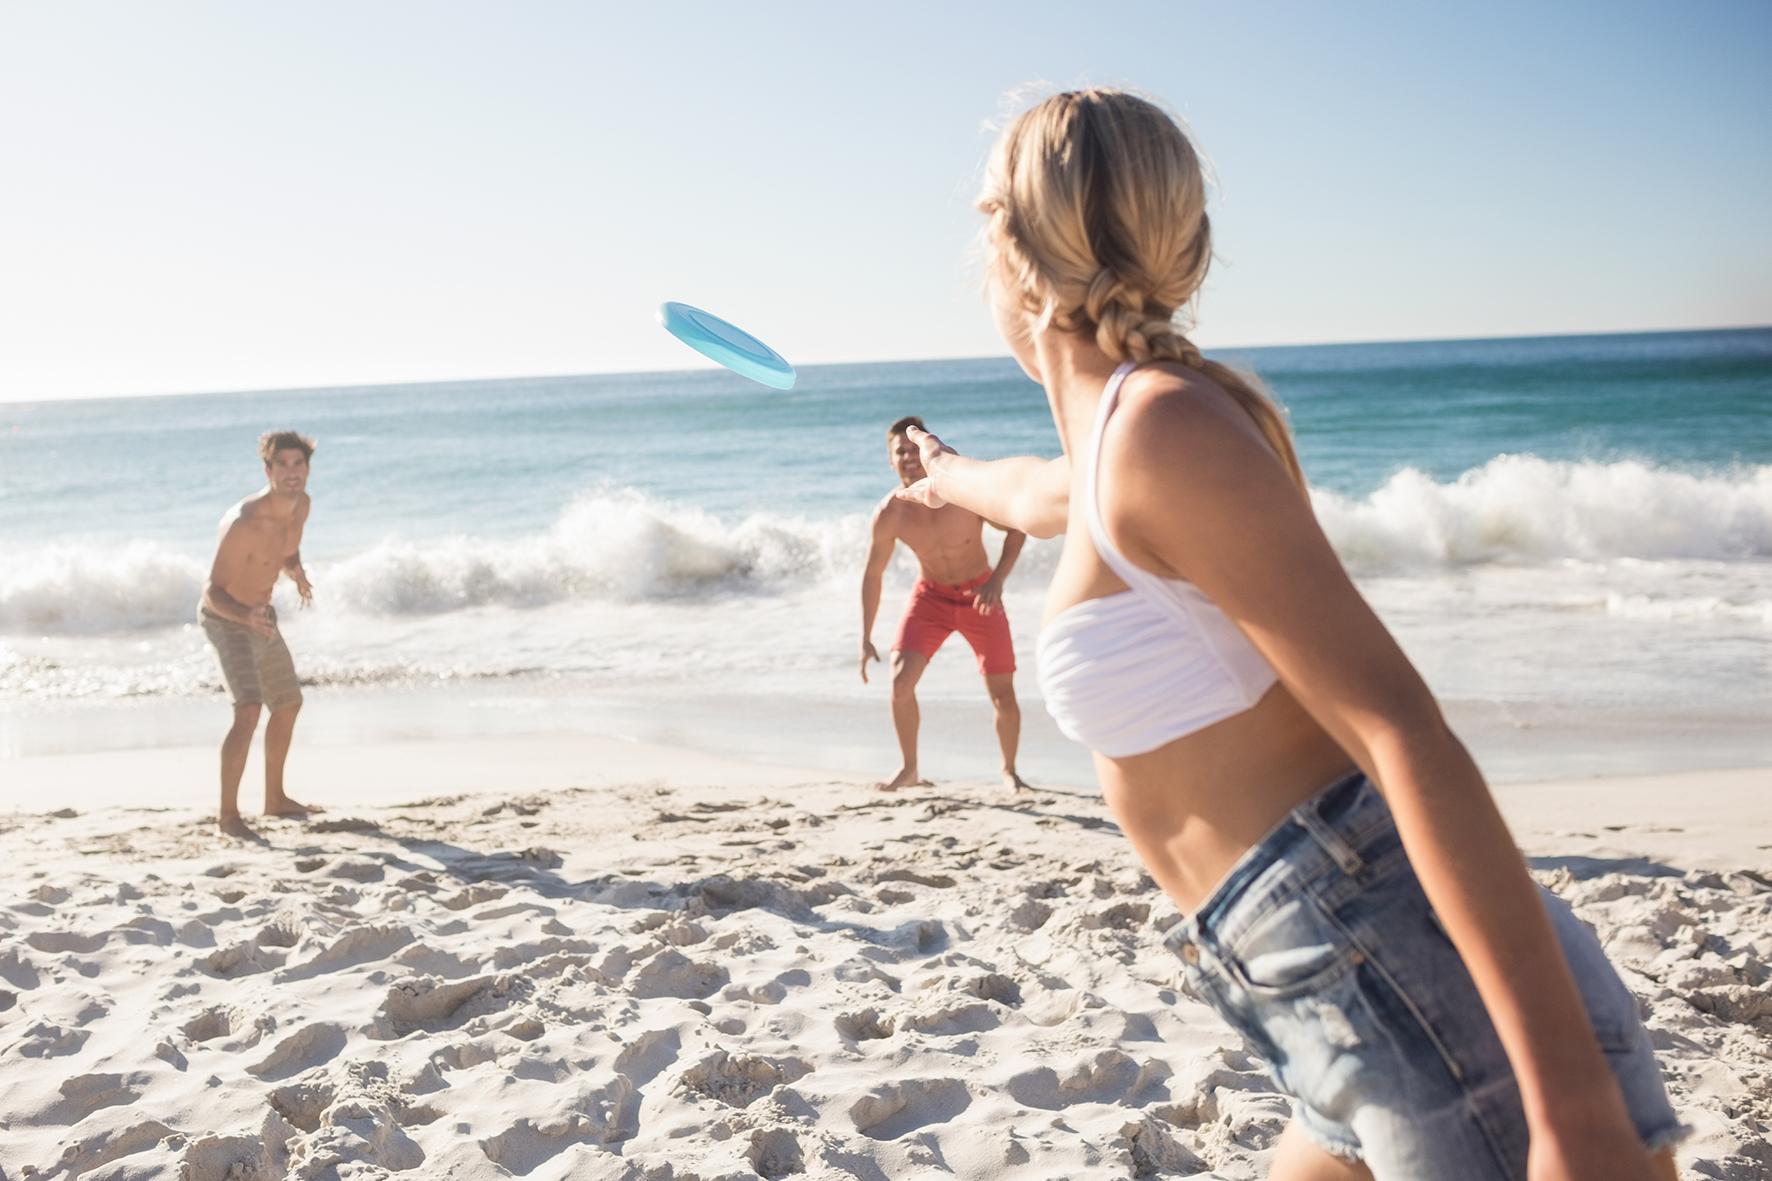 La plage, cet incroyable terrain de jeu!